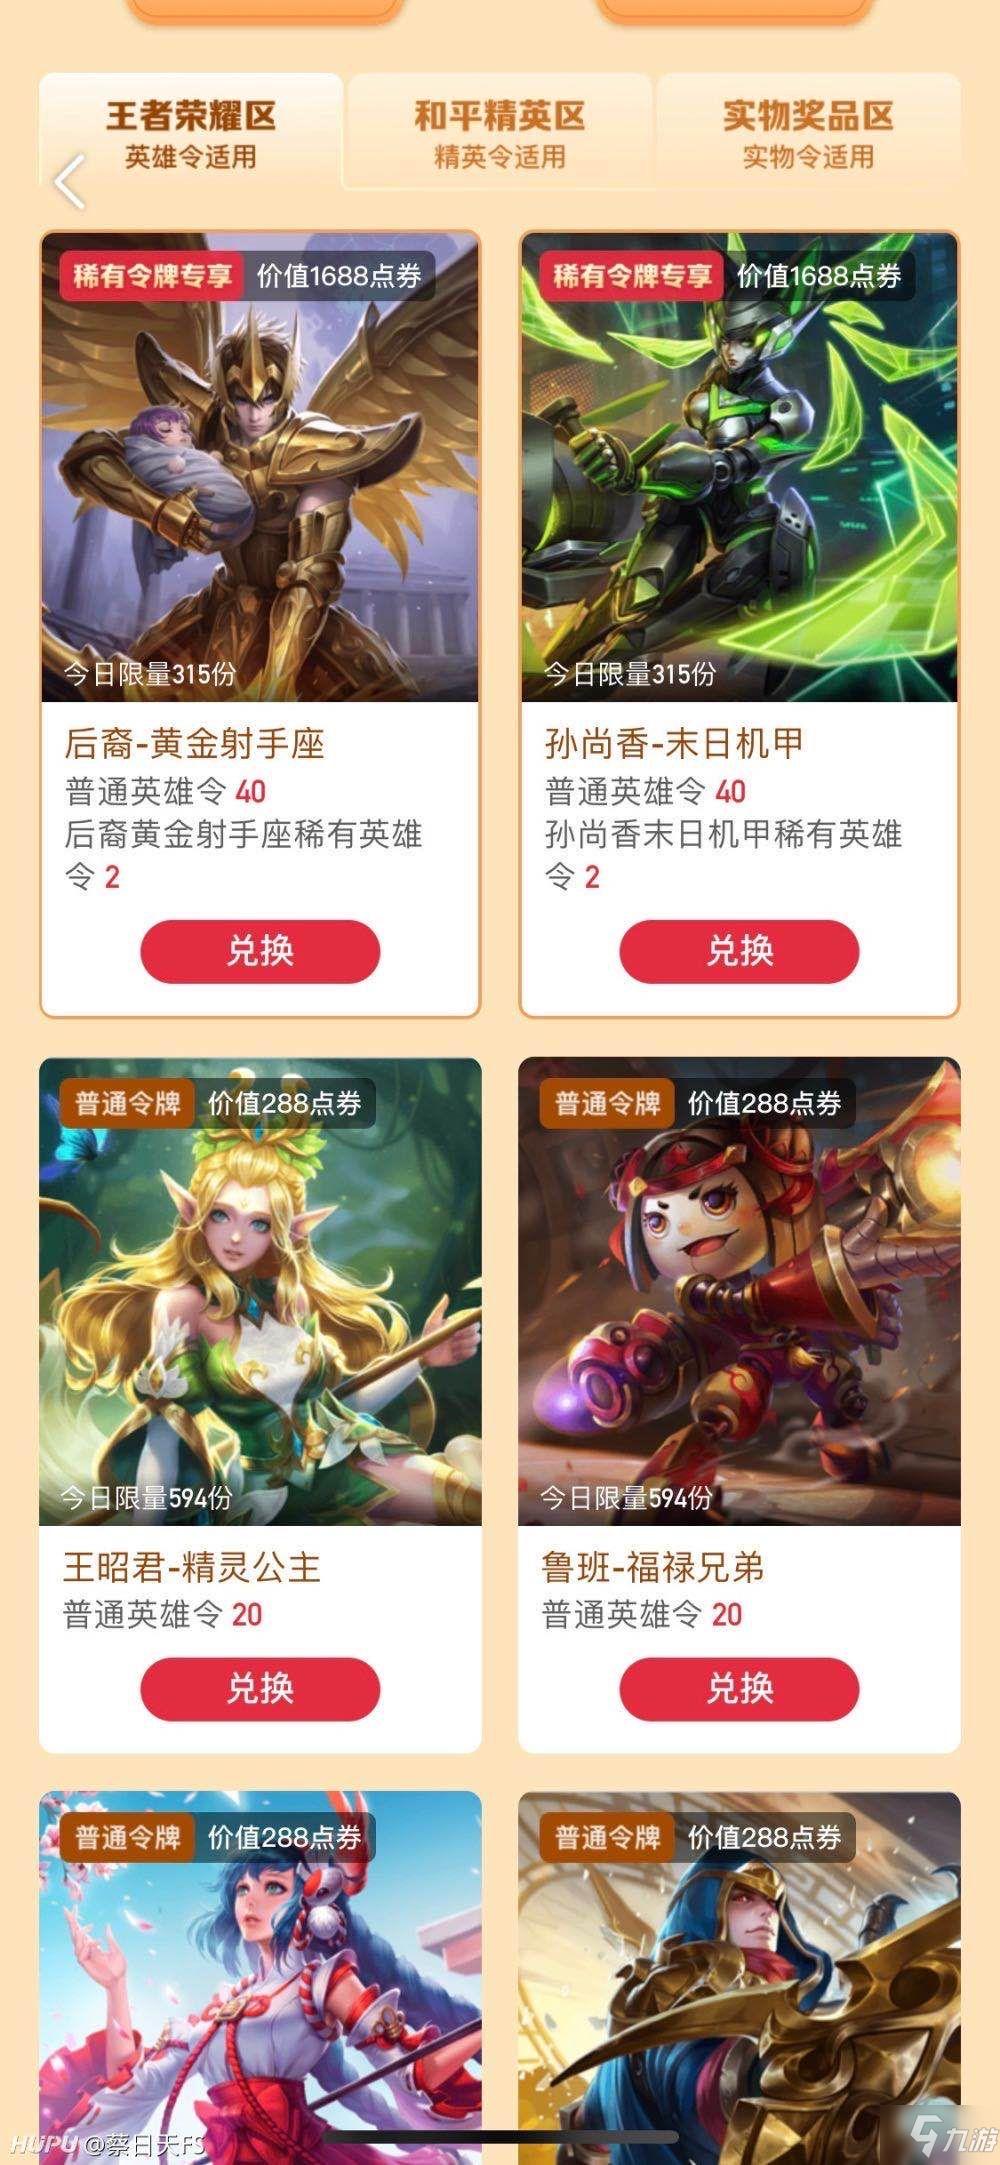 http://www.weixinrensheng.com/xingzuo/1555290.html